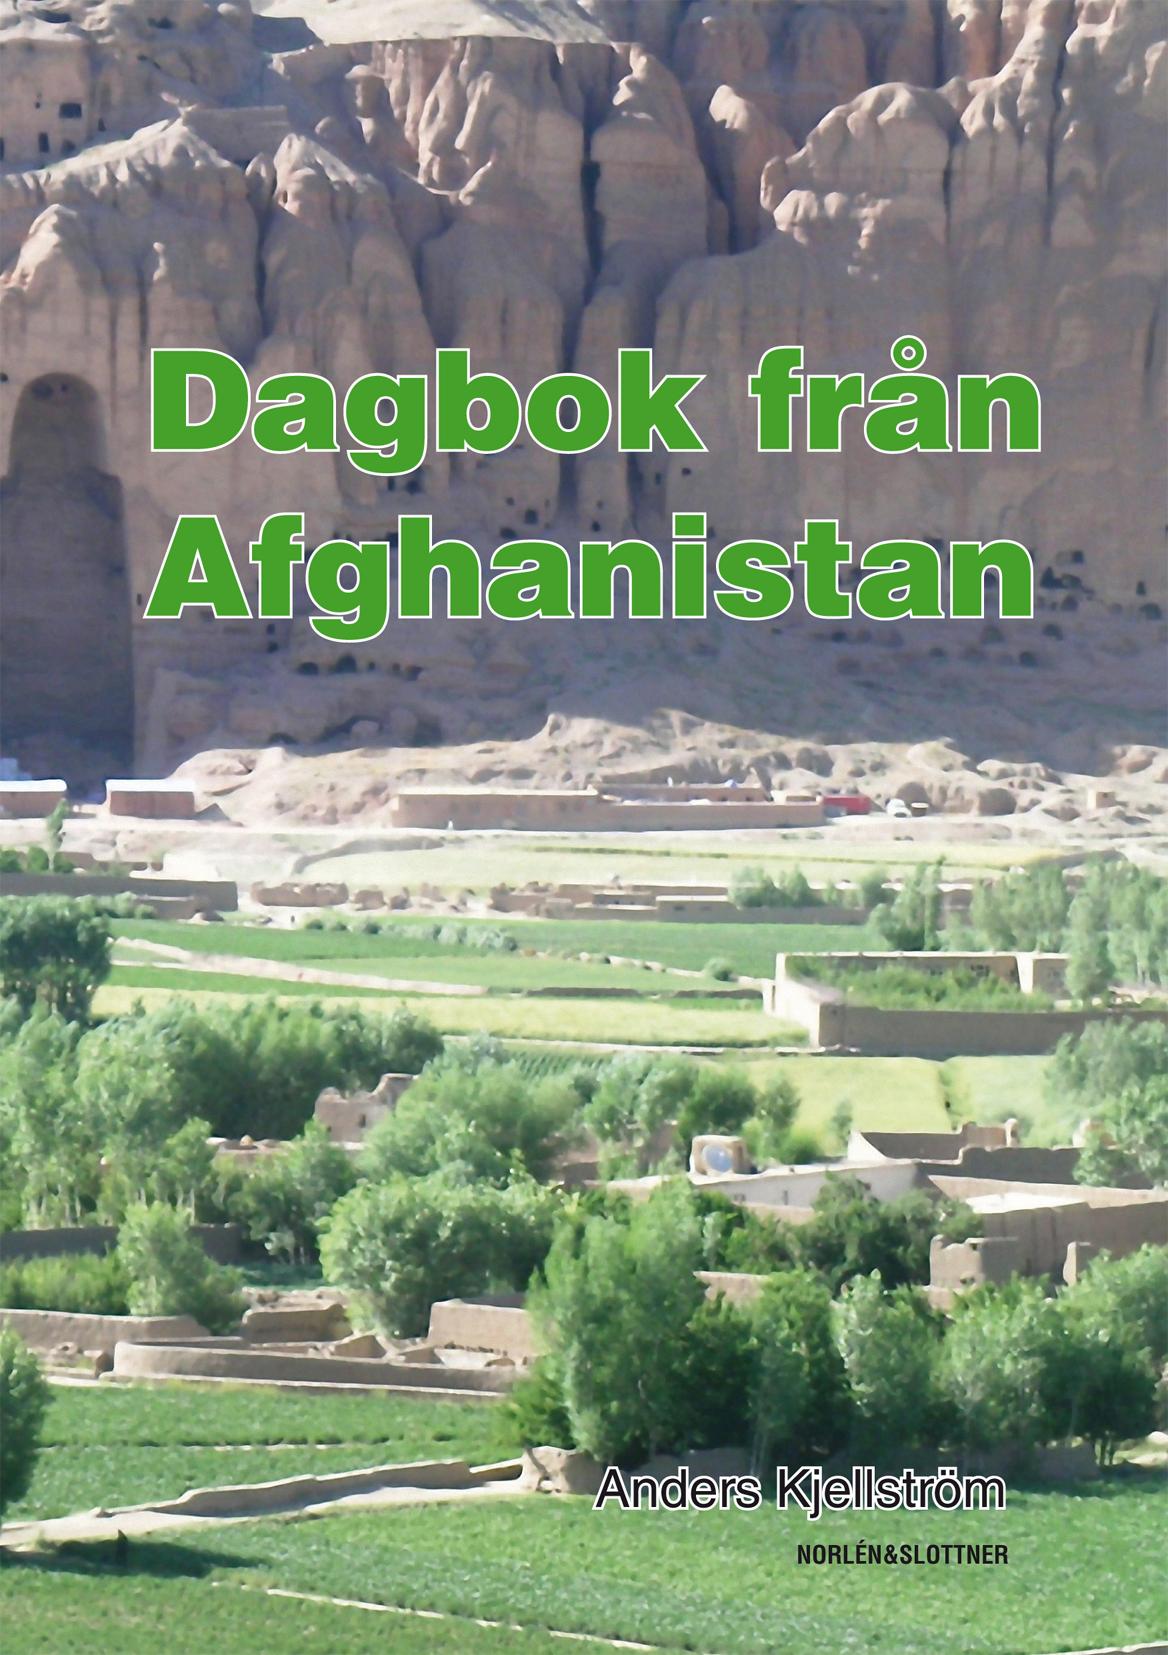 Dagbok från Afghanistan-0